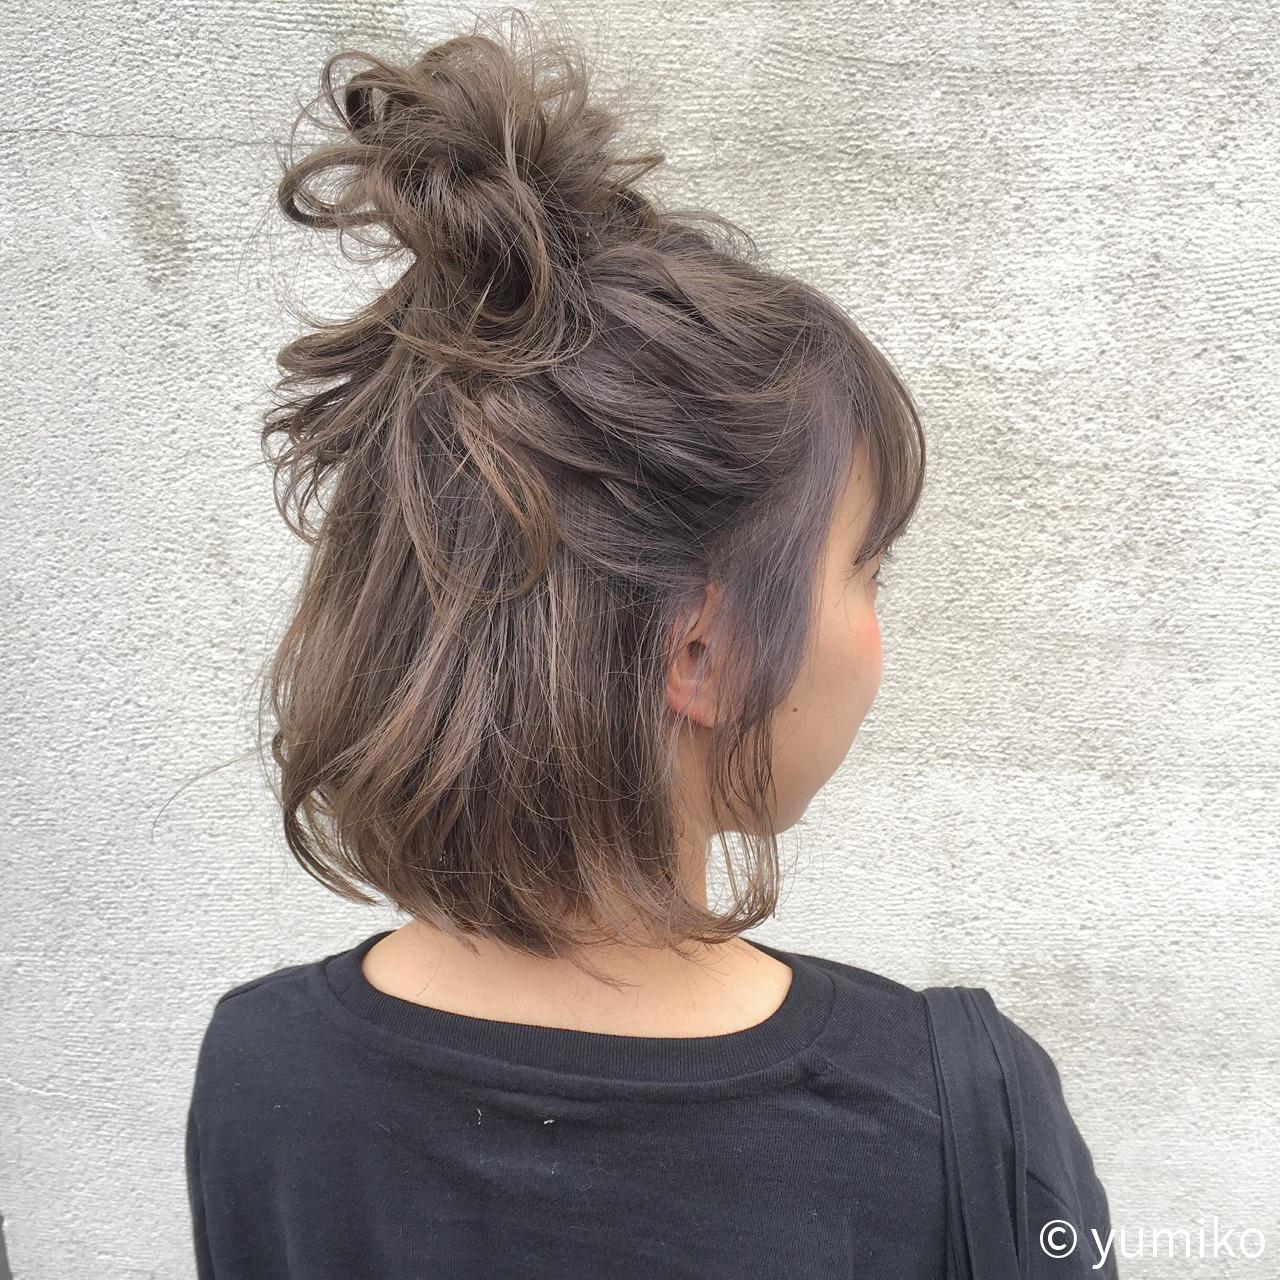 グレー ダブルカラー 暗髪 グレージュ ヘアスタイルや髪型の写真・画像